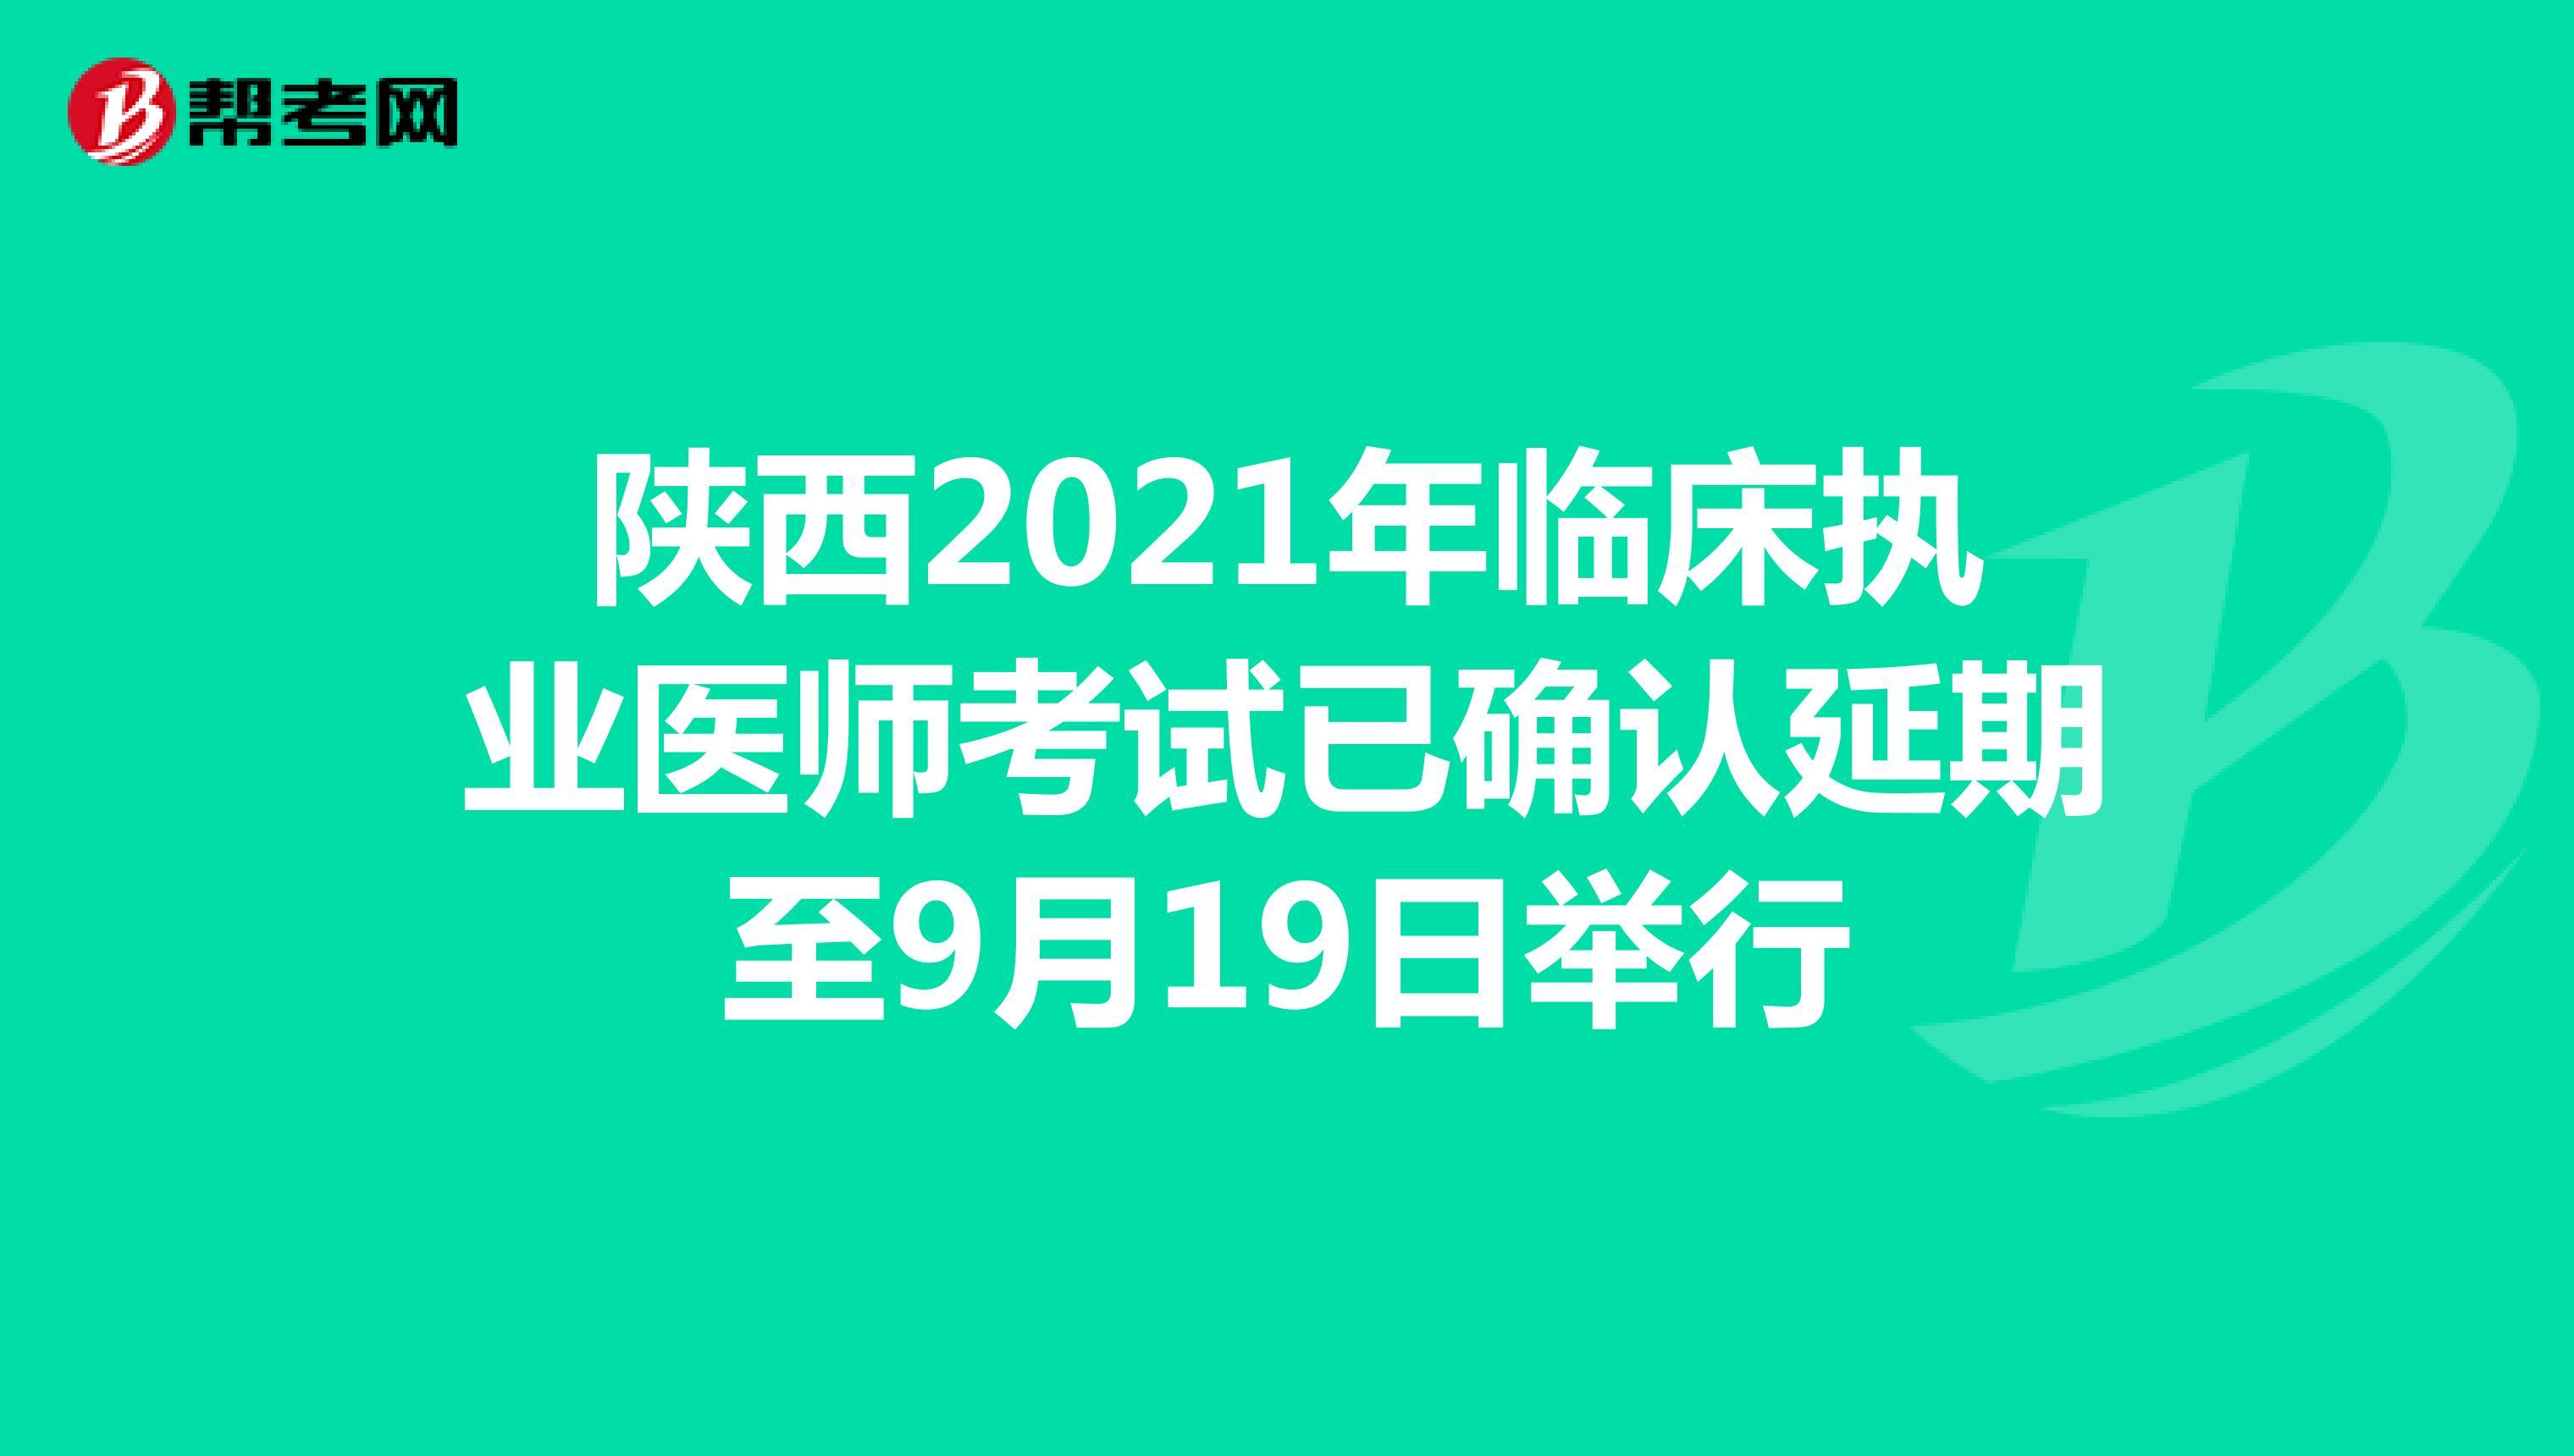 陕西2021年临床执业医师考试已确认延期至9月19日举行